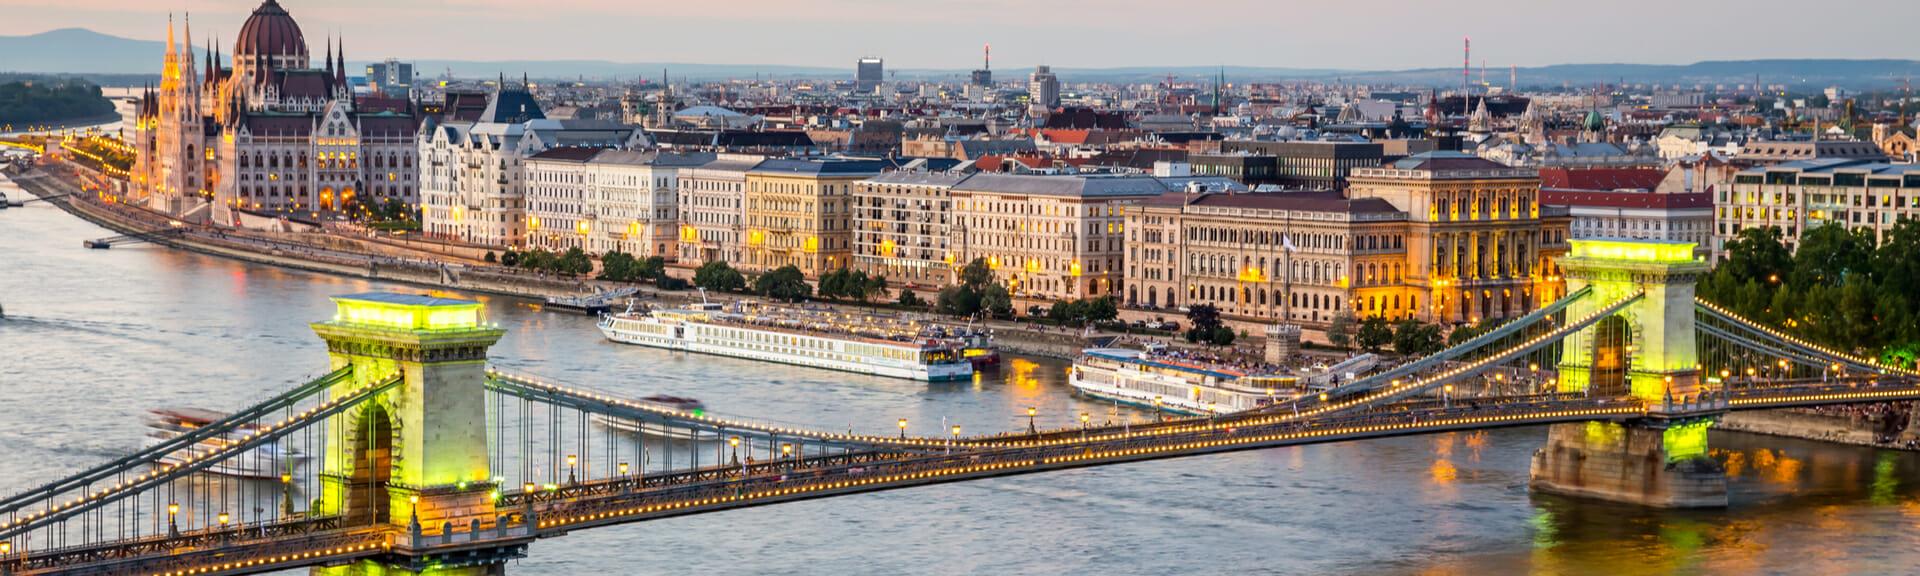 Klassenfahrt Budapest Kettenbrücke und Stadtansicht